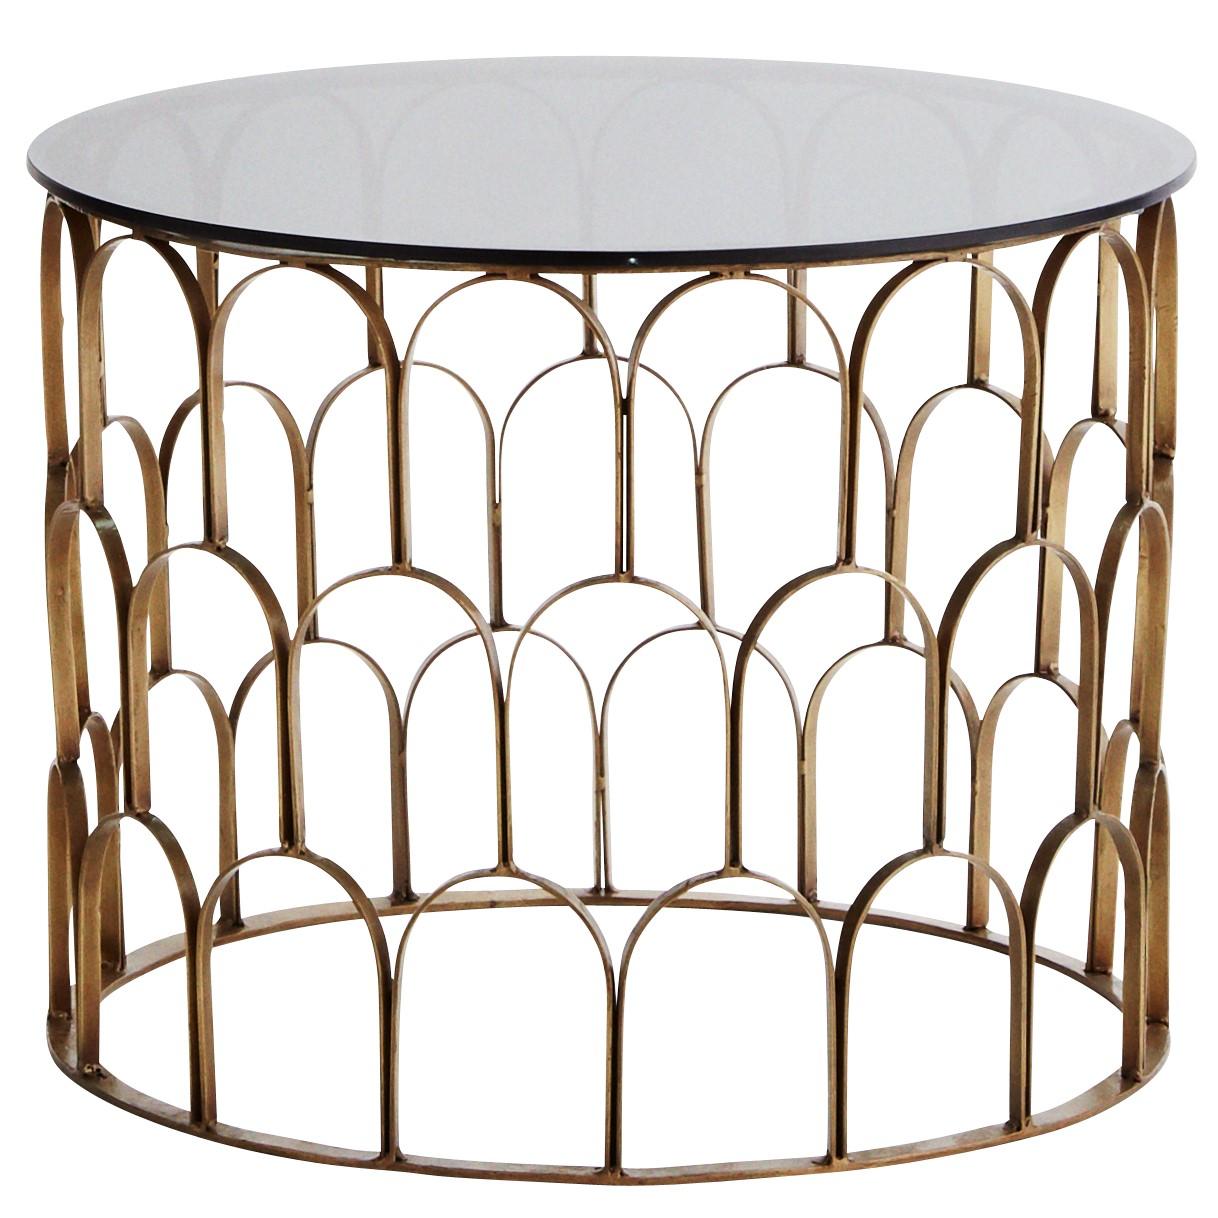 Table Basse Ronde Art Deco table basse Écailles laiton & verre fumé